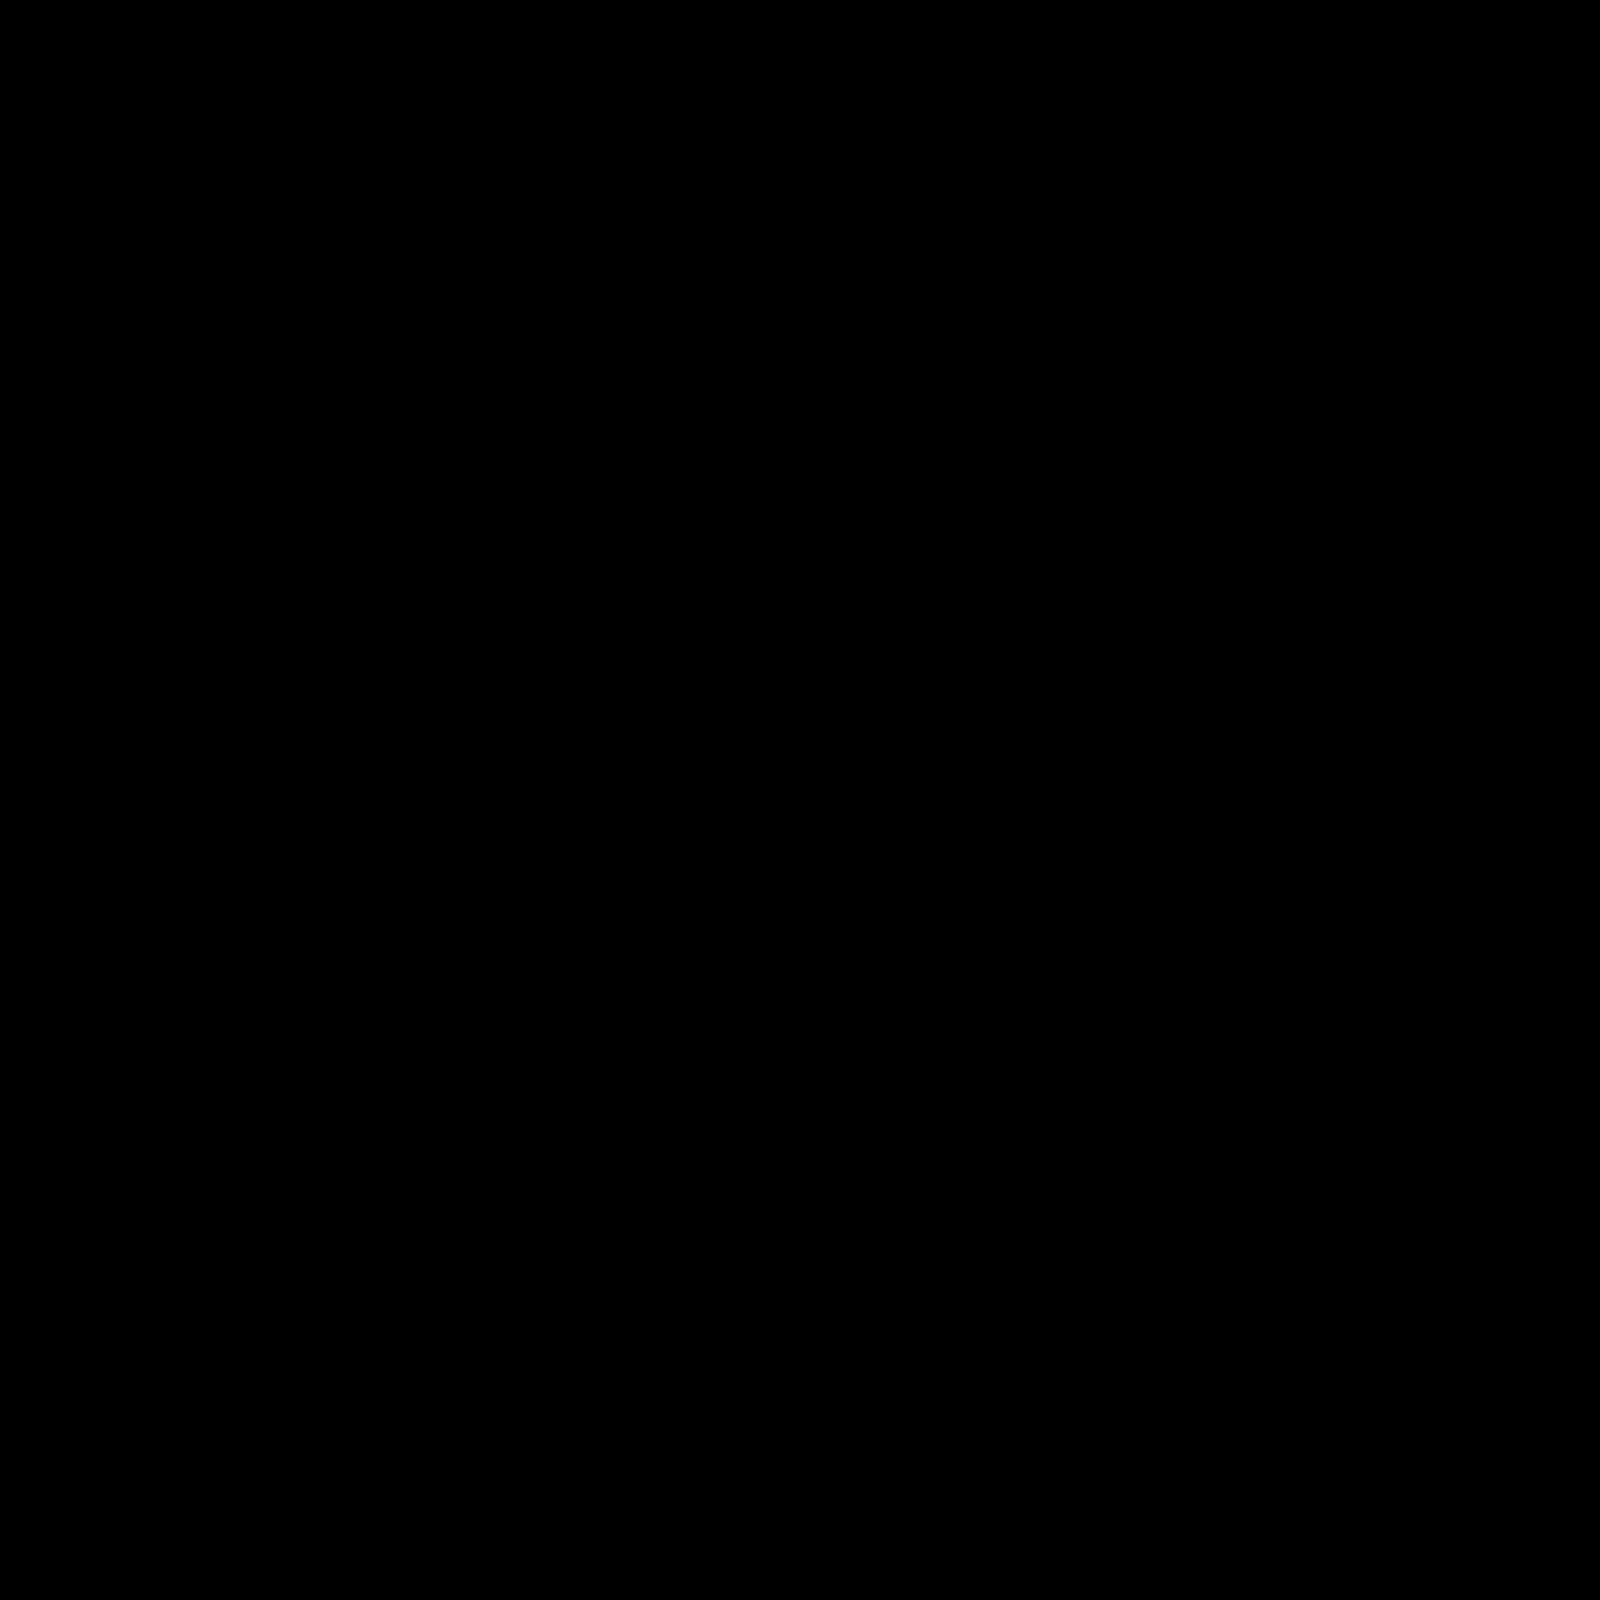 ジョグフォワード icon. It's a logo depicting jogging forward. There is an arrow pointing to the right with a vertically positioned rounded rectangle to the left of the arrow. There are two short perpendicular horizontal lines attached to the left of the rounded rectangle.